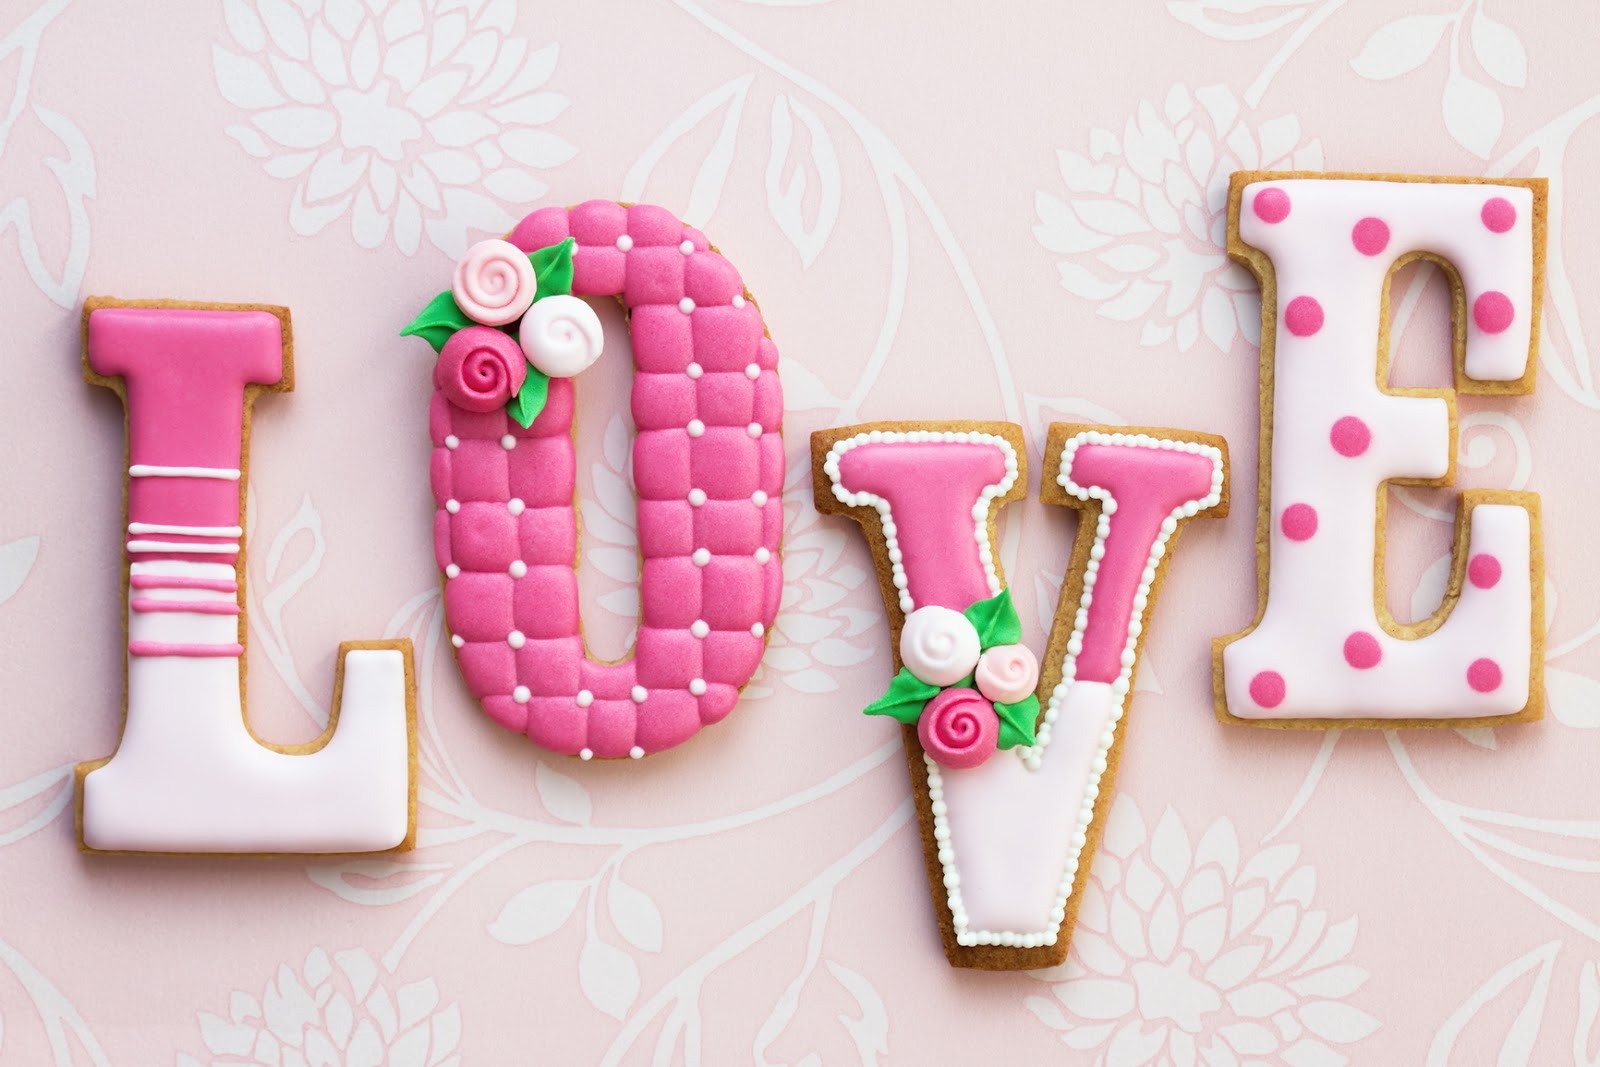 """BANCO DE IMAGENES GRATIS: Palabra """"LOVE"""" en letras de galleta con"""